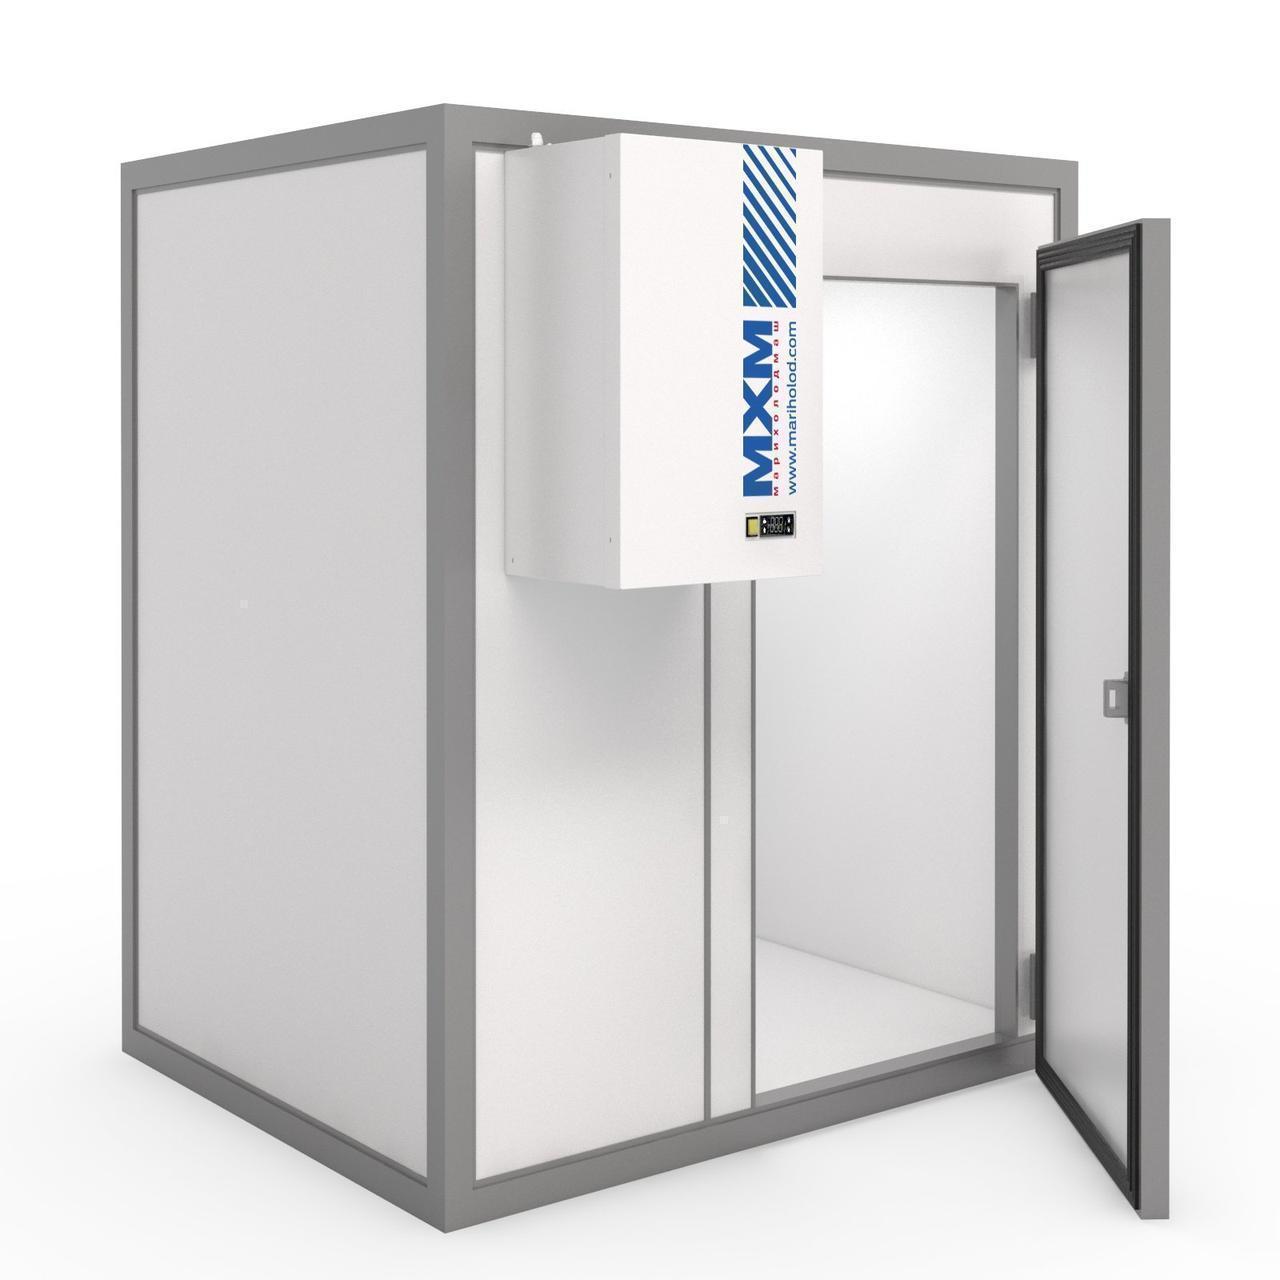 Холодильная камера Марихолодмаш КХ-6,61